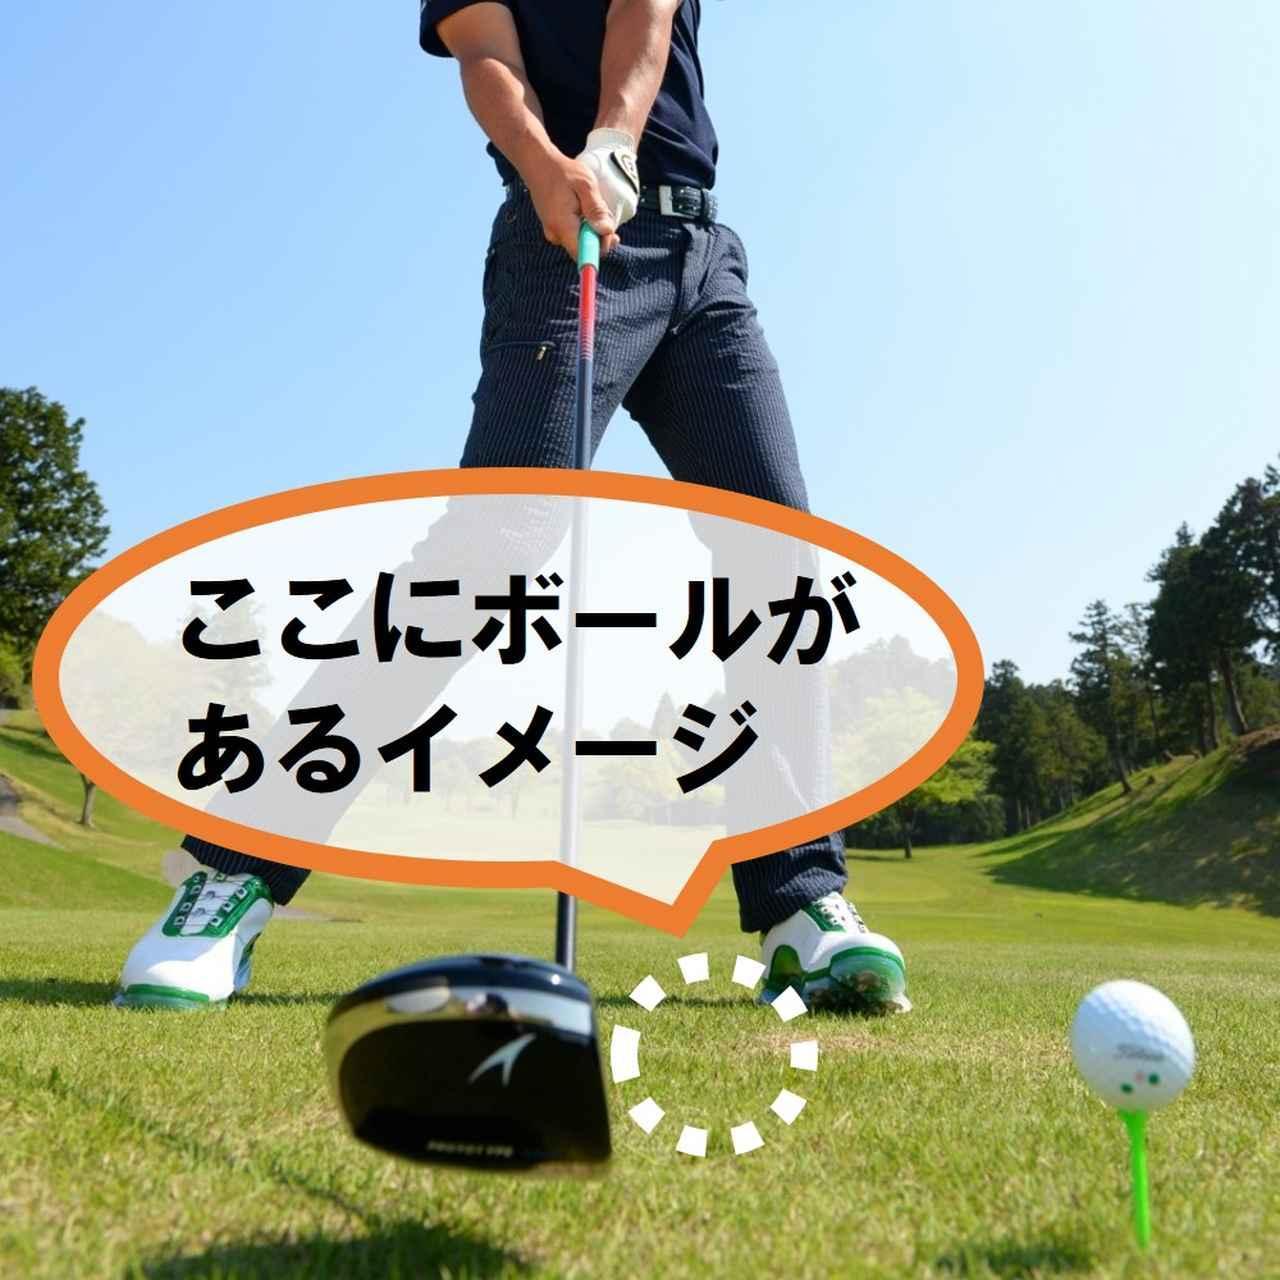 画像: 右足前にあるボールを打つくらいの感覚でスウィングすると、インパクトでヘッドちょうど戻ってきます